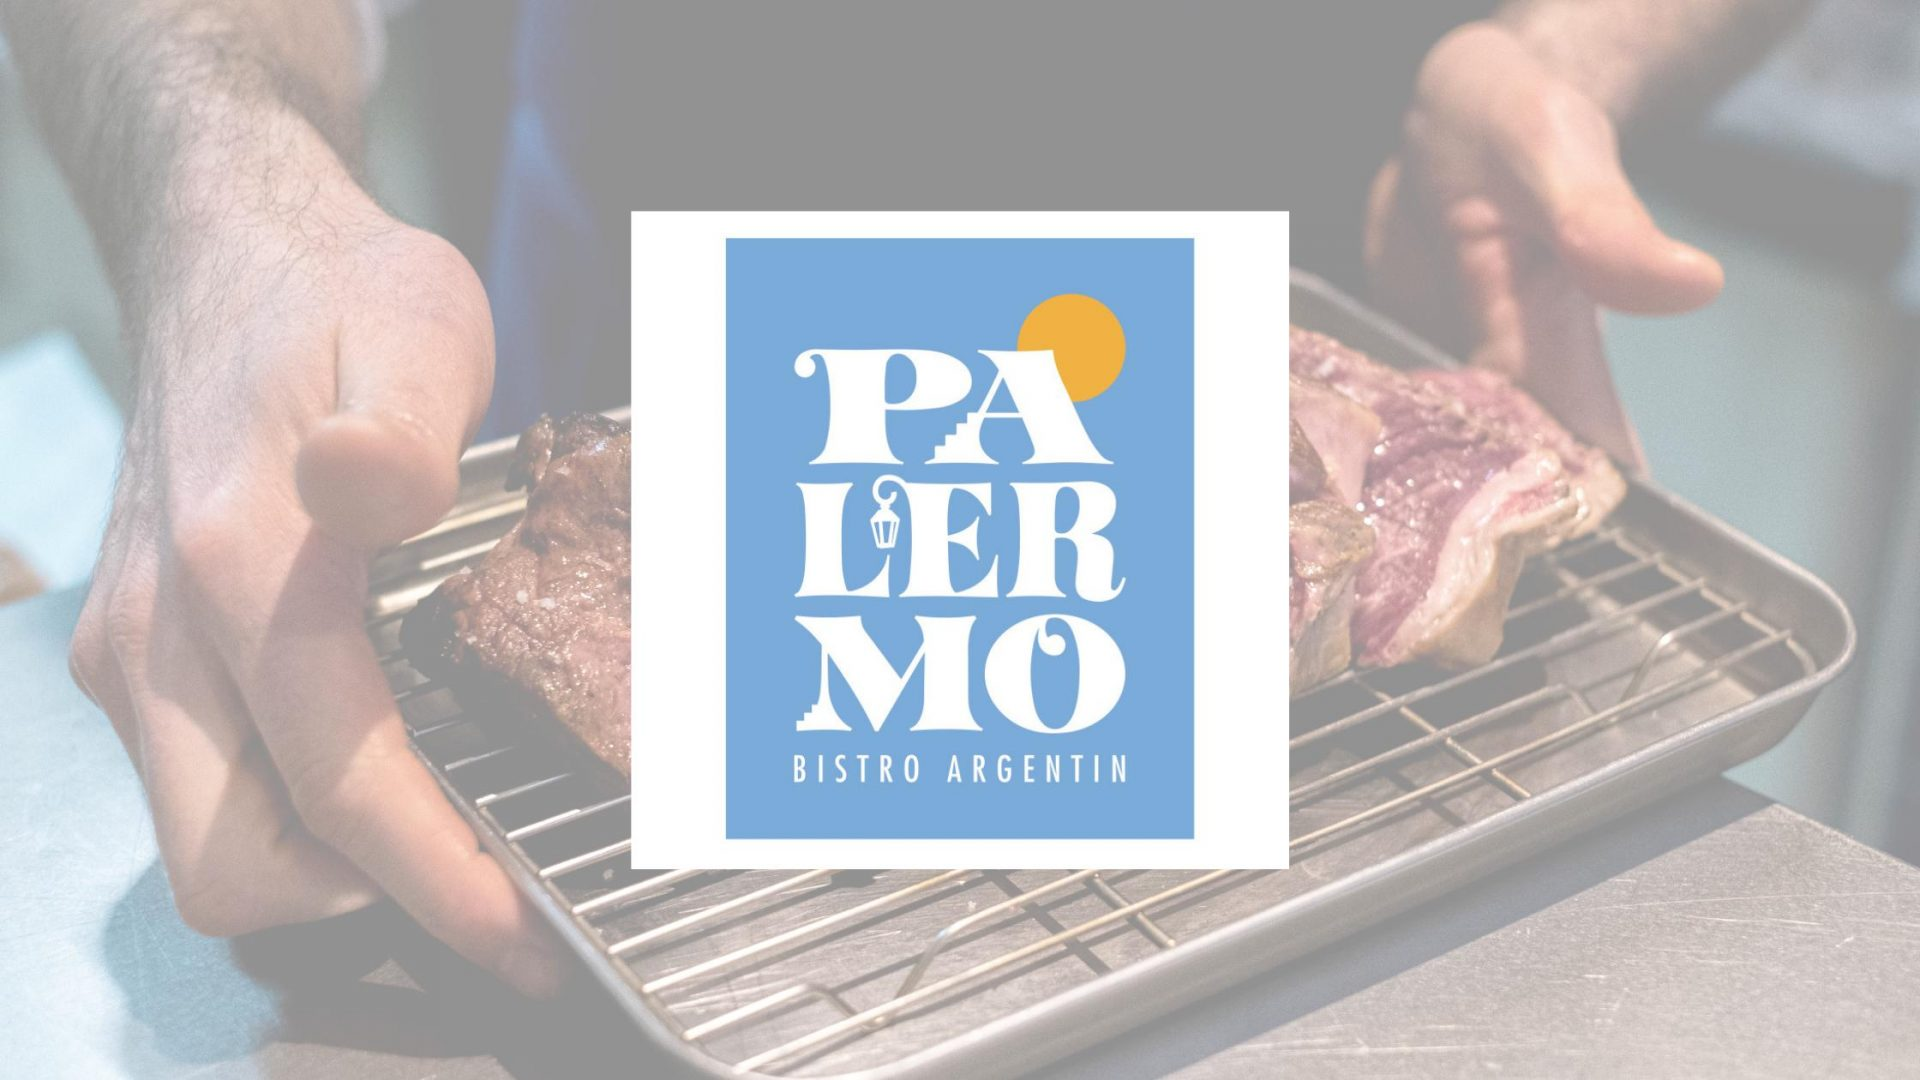 À Paris 17, plats argentins et street food ensoleillée Le Meilleur Chez Vous